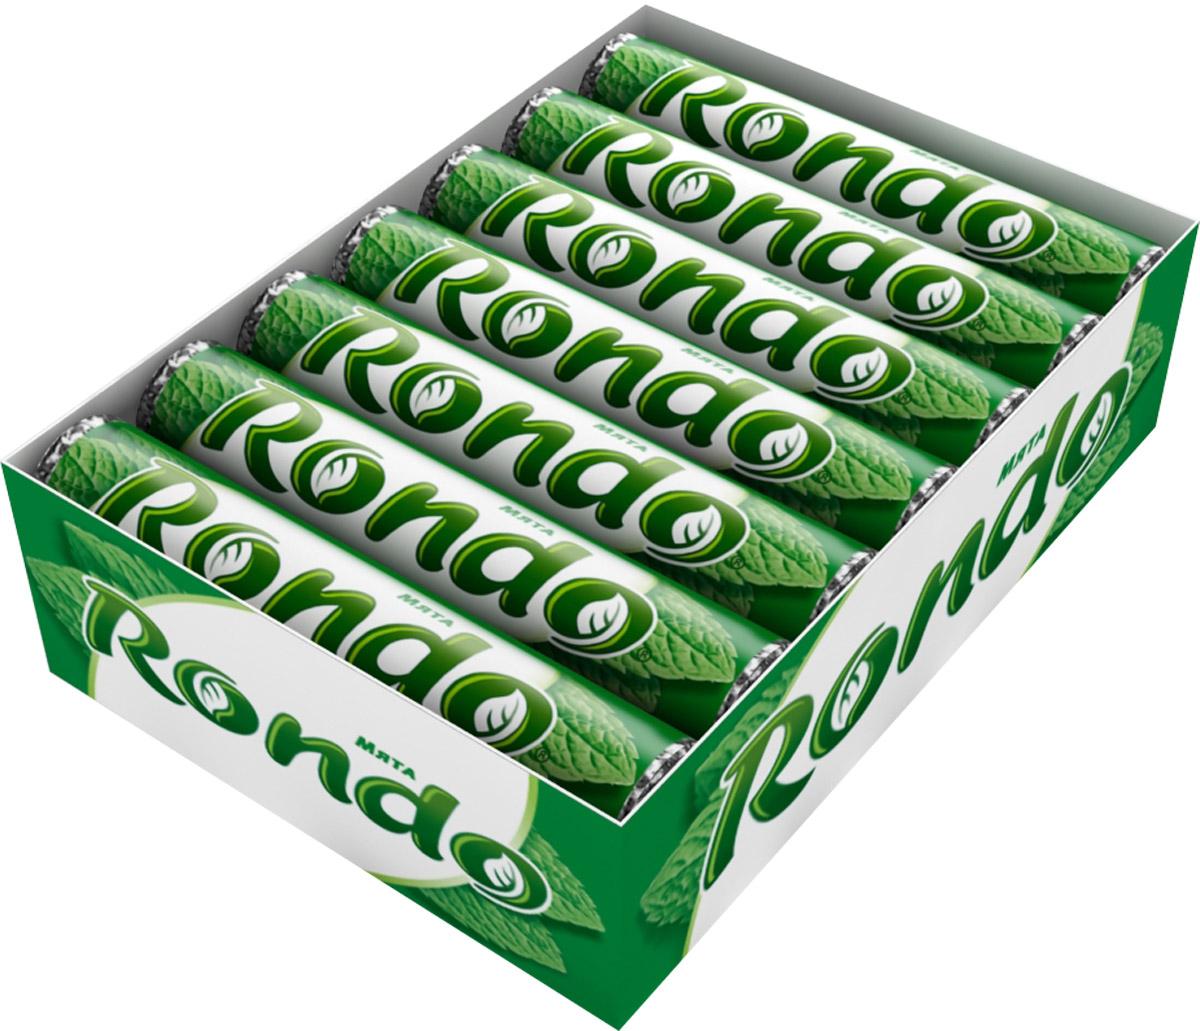 Rondo Мята освежающие конфеты, 14 пачек по 30 г0120710Конфеты Rondo с ароматом мяты освежают дыхание и делают день слаще! Уникальный продукт, созданный в 1996 году специально для российских потребителей, по-прежнему остается одним из любимых оружий против несвежего дыхания. Свежее дыхание облегчает понимание!Уважаемые клиенты! Обращаем ваше внимание, что полный перечень состава продукта представлен на дополнительном изображении.